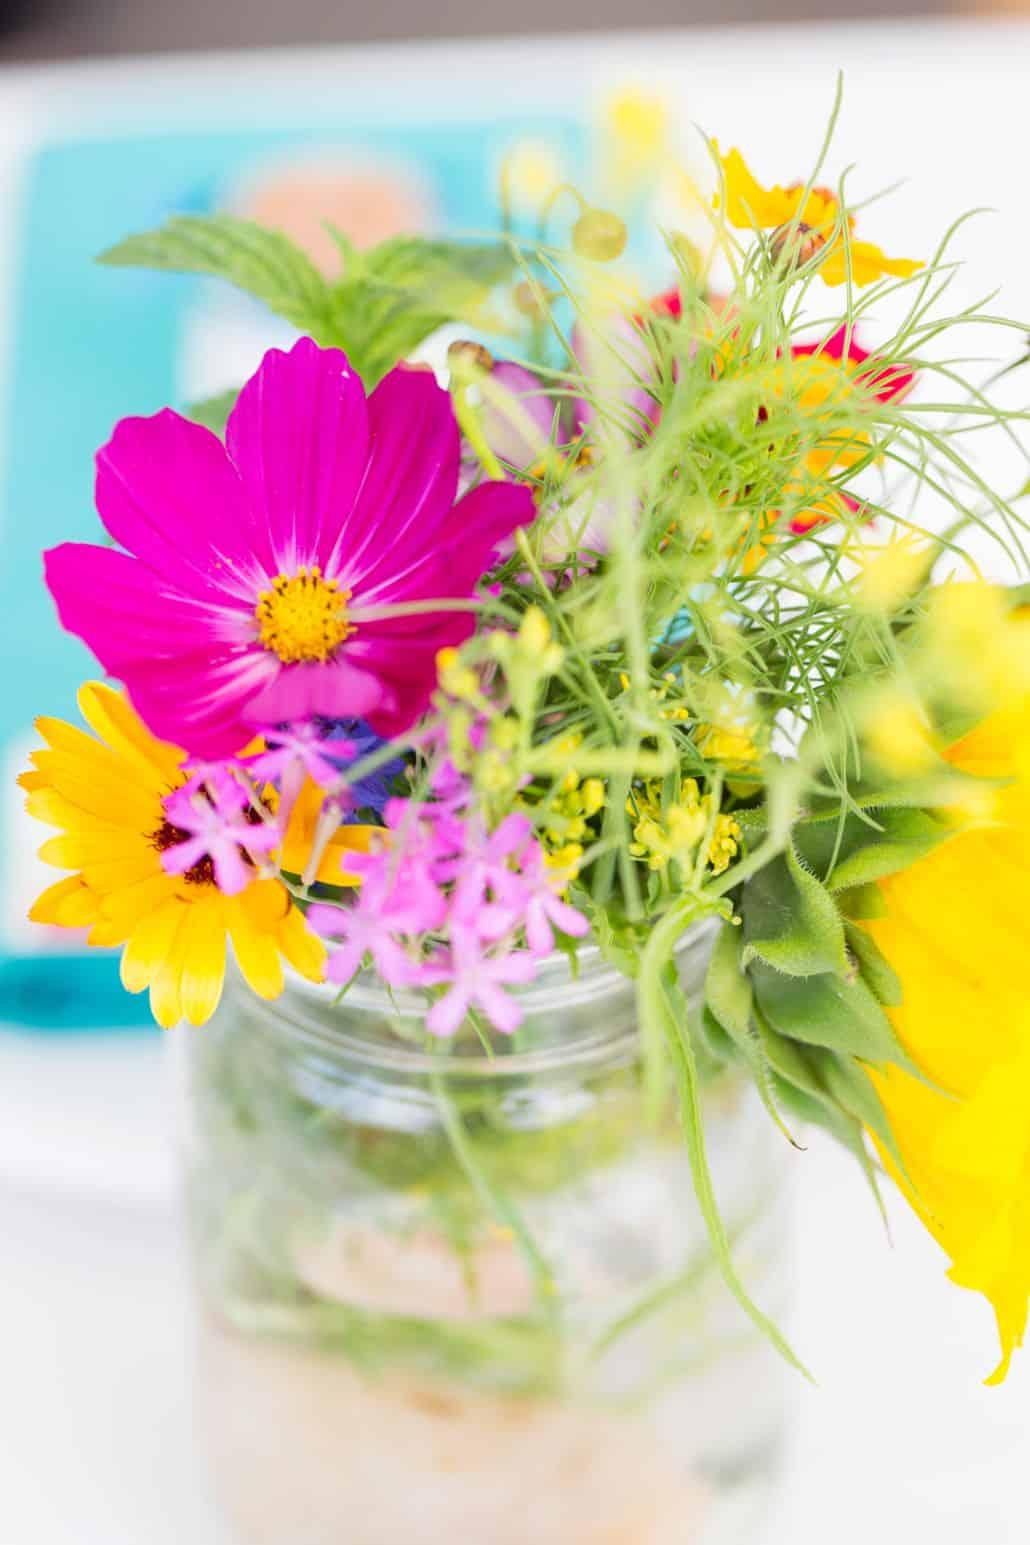 Fuscia Yellow And Green Wildflowers In Mason Jar Kyo Morishima